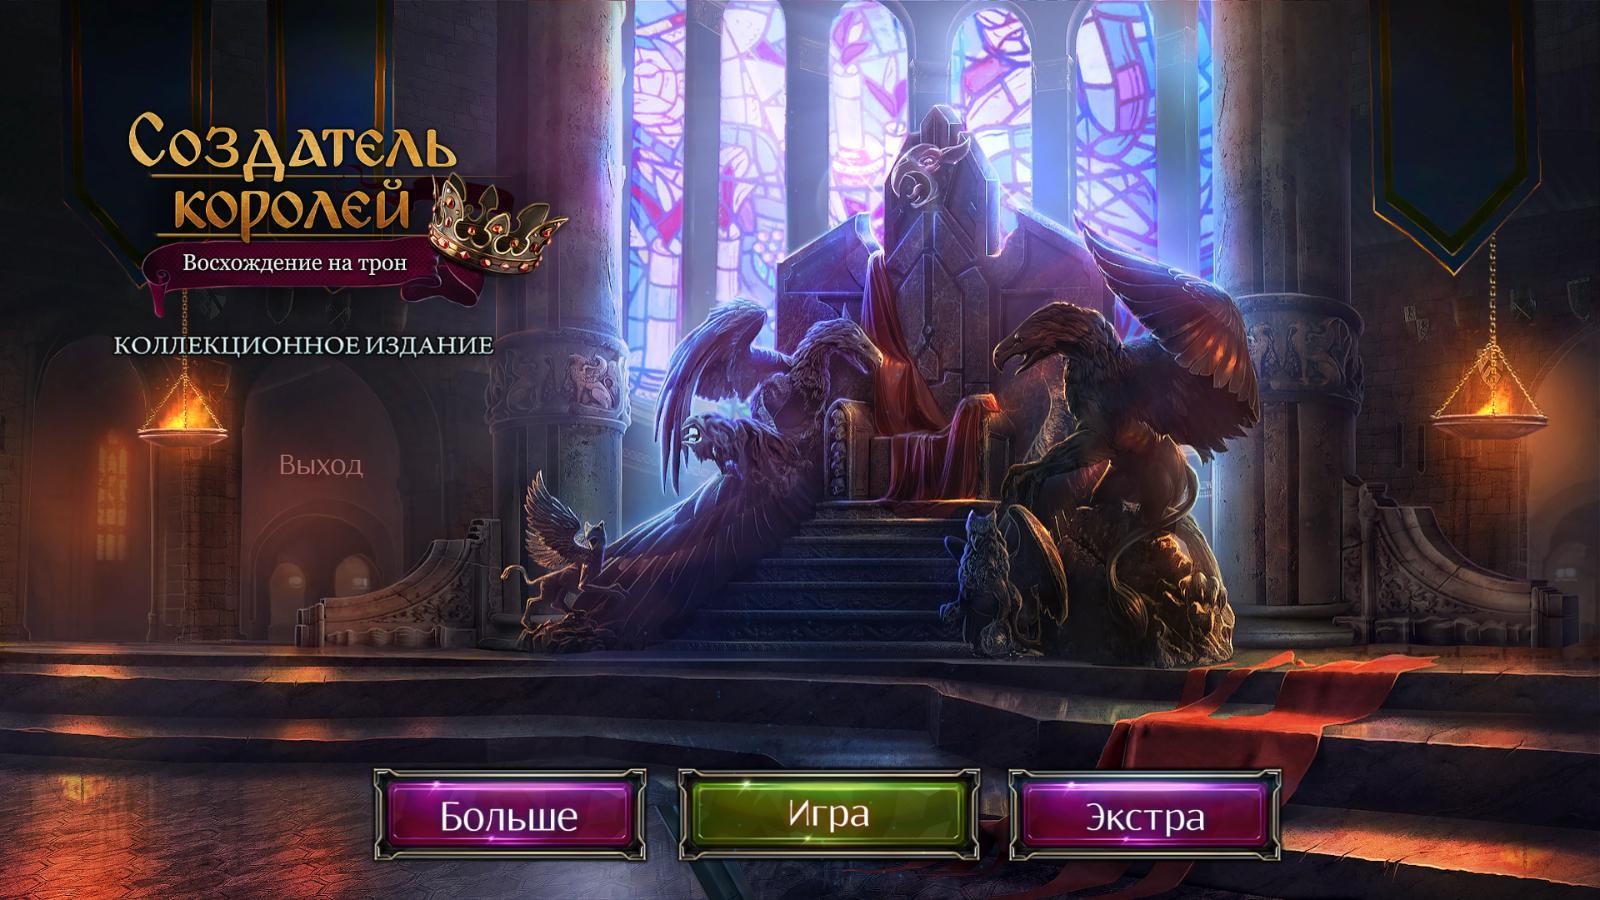 Создатель королей: Восхождение на трон. Коллекционное издание | Kingmaker: Rise to the Throne CE (Rus)